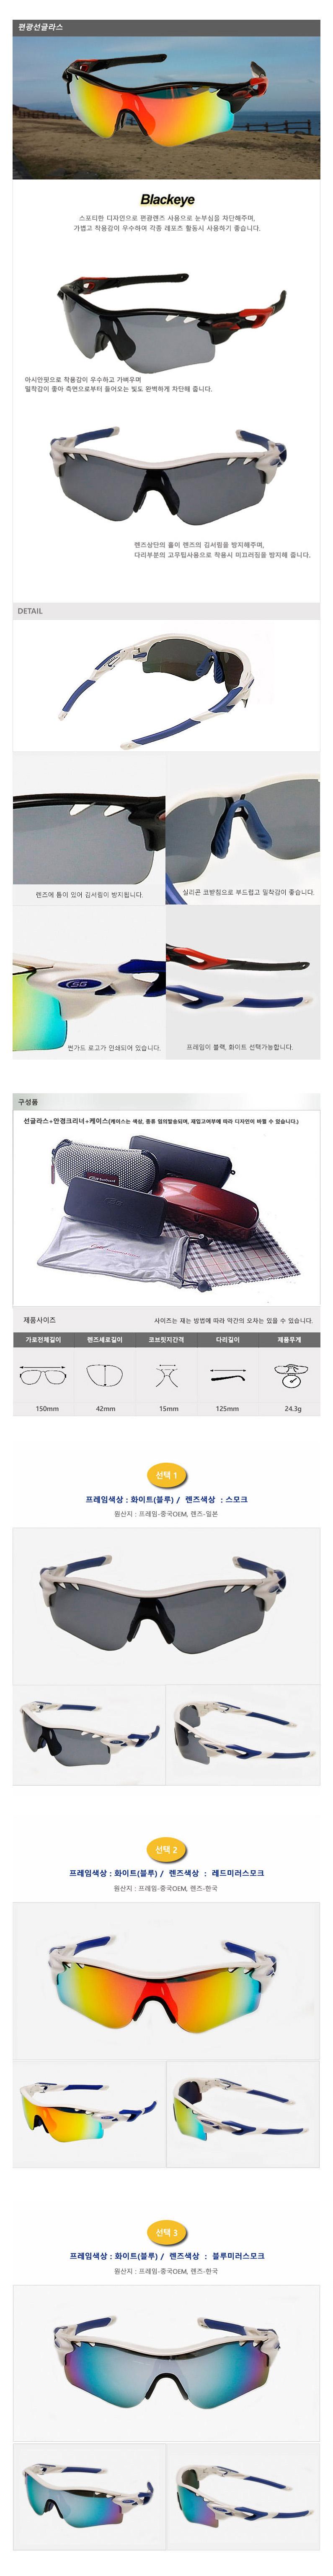 썬가드 편광선글라스 - 블랙아이 1.jpg